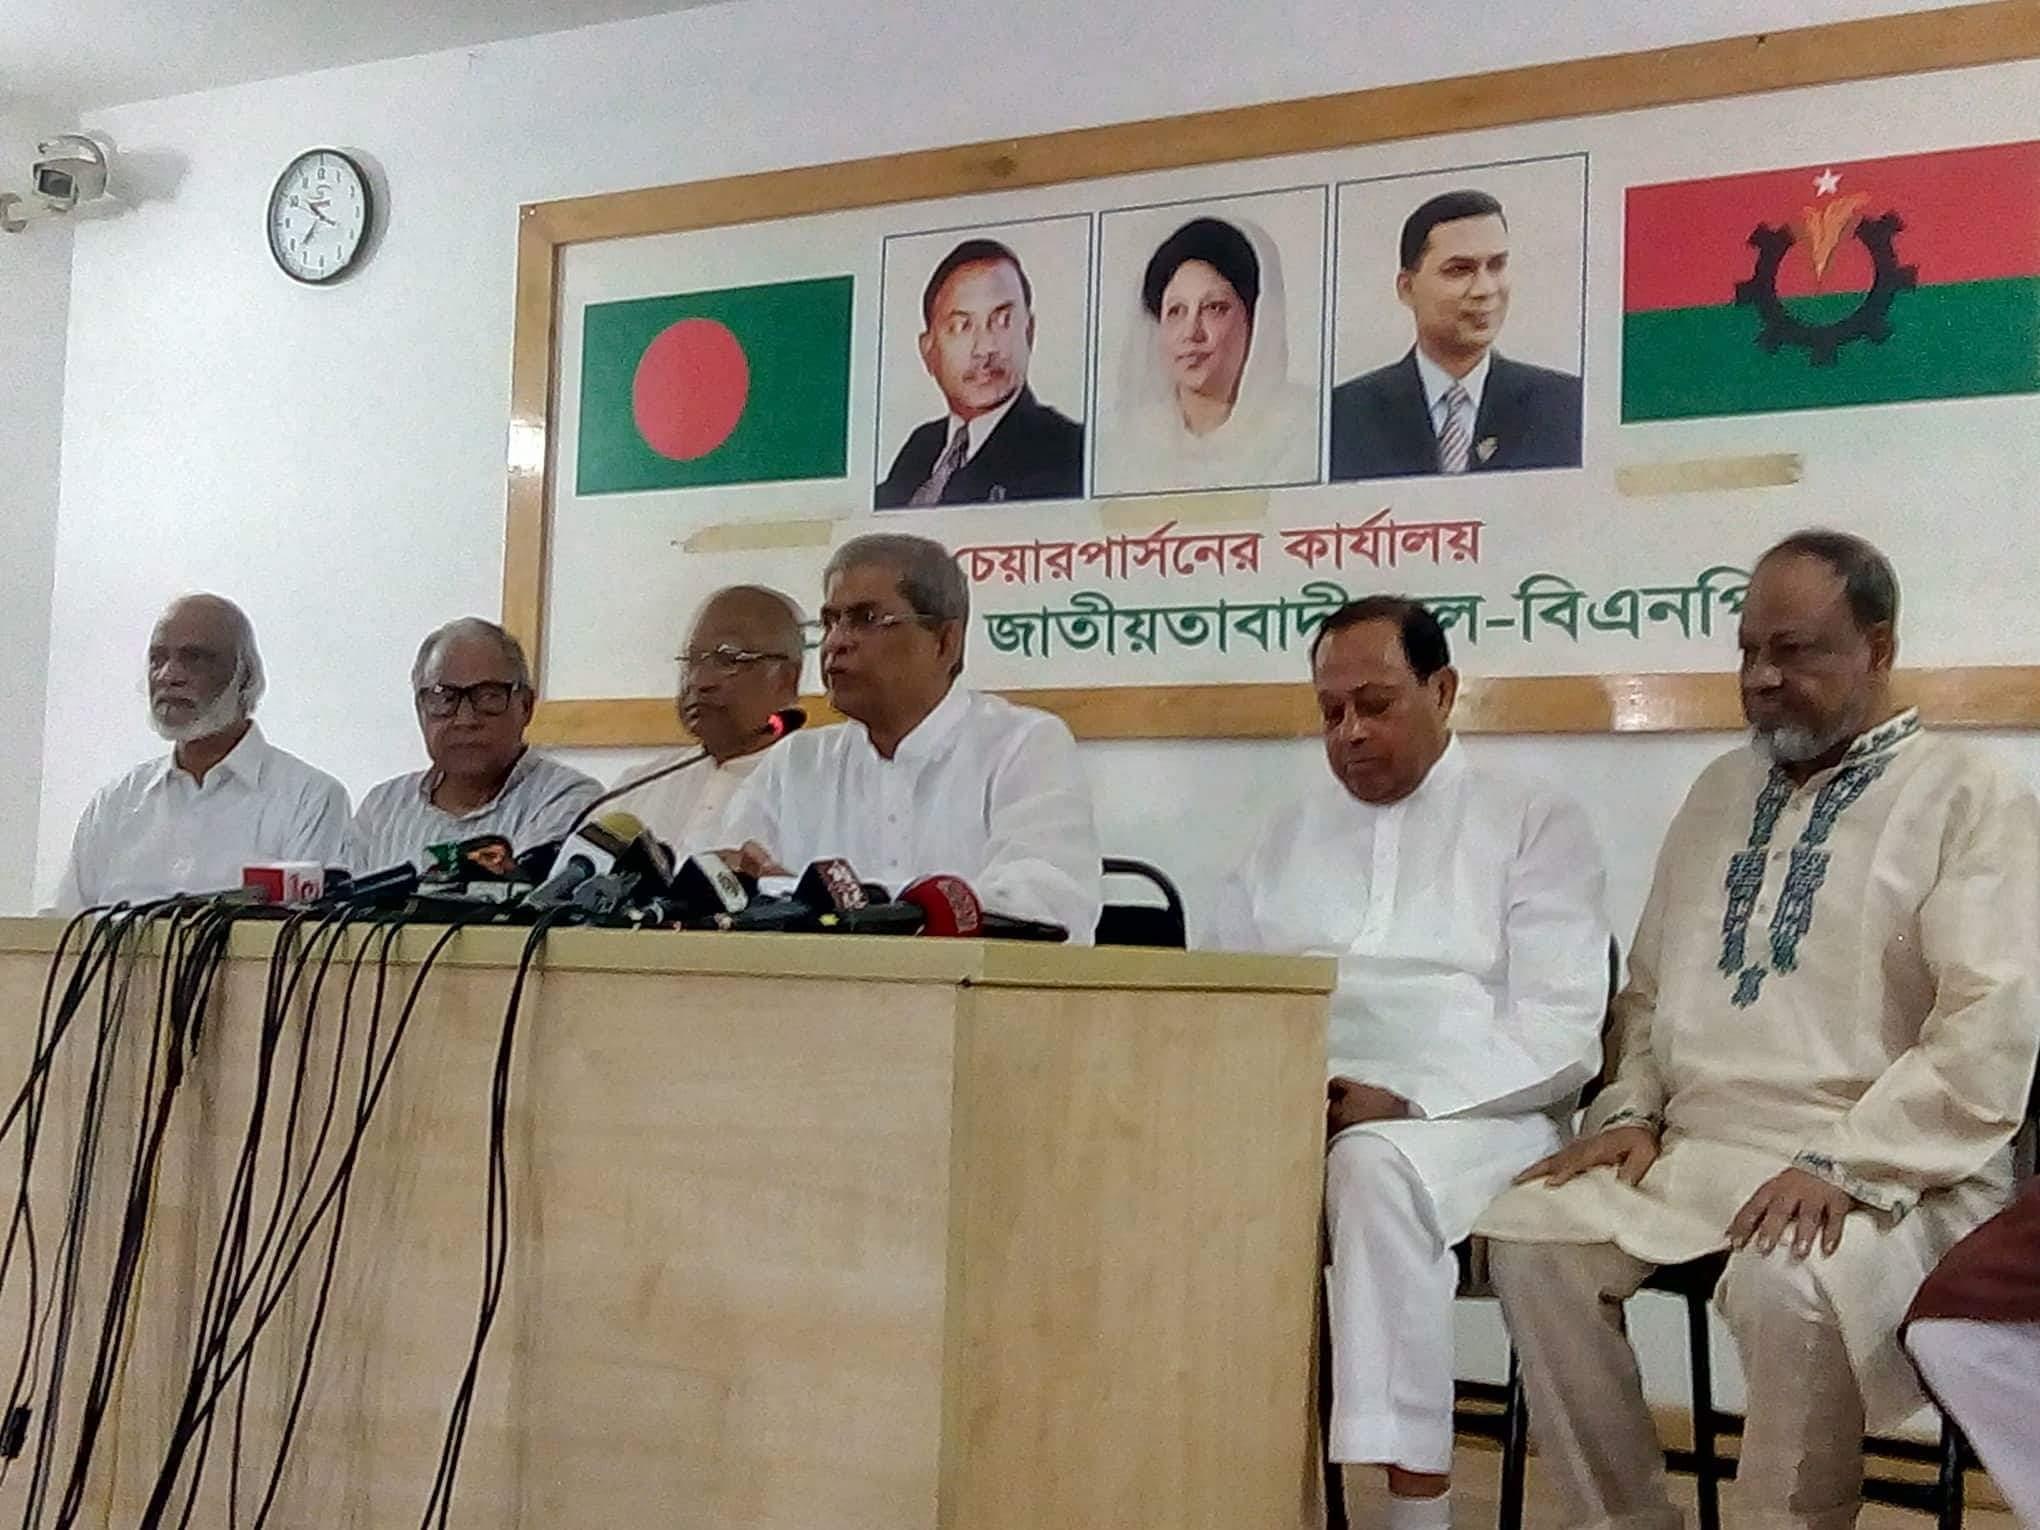 'গায়েবি মামলায় নির্বাচন অনিশ্চিত করছে সরকার'